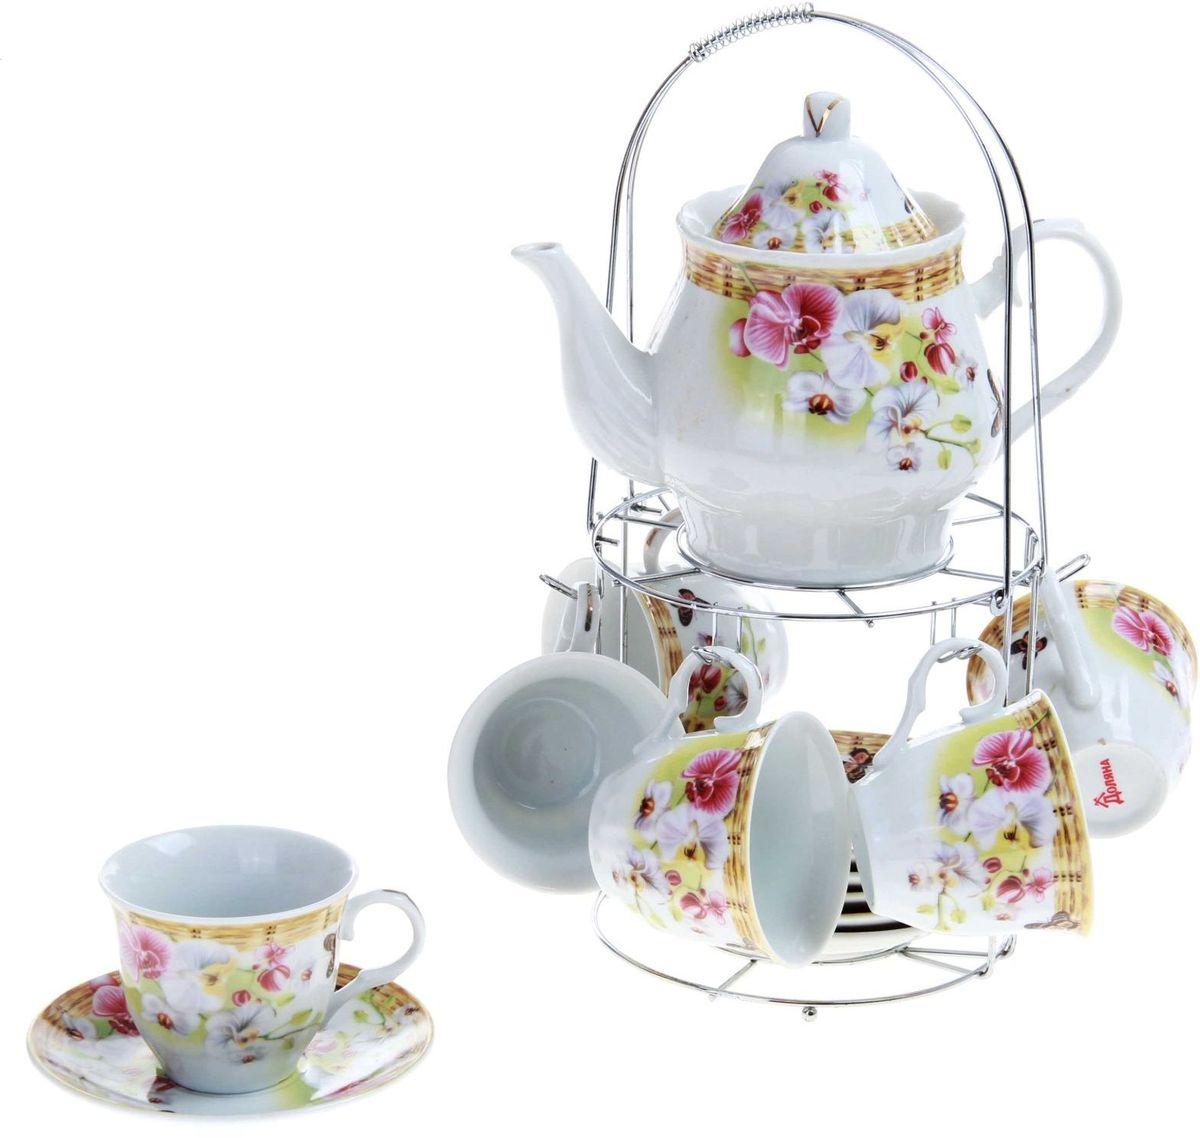 Набор чайный Доляна Садовый дворик, 13 предметов240600Какую посуду выбрать для чаепития? Конечно, традиционный напиток по необходимости можно пить и из помятой алюминиевой кружки. Но все-таки большинство хозяек стараются приобрести изящные и оригинальные модели для эстетического наслаждения неповторимым вкусом и тонким ароматом хорошего чая. Кухонная керамика сочетает в себе бытовую практичность и декоративную утонченность. Набор чайный на 6 персон Садовый дворик, 13 предметов: 6 чайных пар 250 мл, чайник 1 л отличается высокой прочностью и обаятельным дизайном. Нарядный комплект обязательных для чаепития атрибутов изготовлен на родине древнего напитка и привнесет в каждую трапезу особую энергетику.